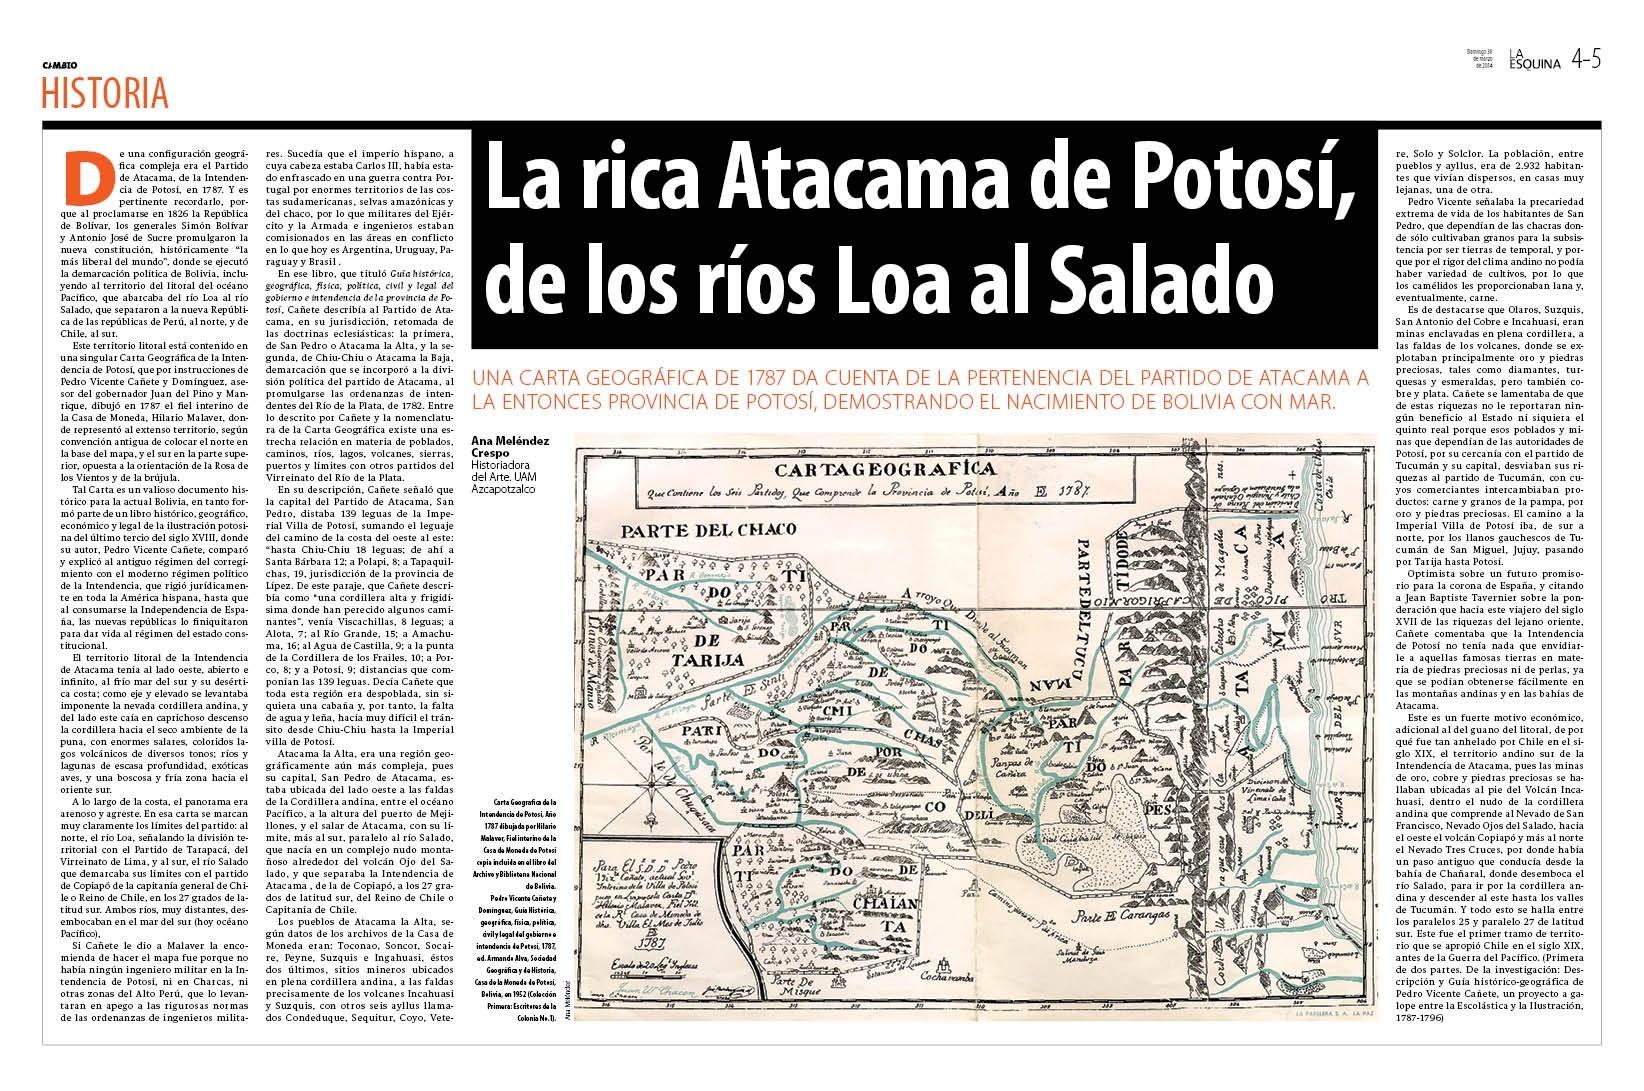 La rica Atacama de Potosí, de los ríos Loa al Salado